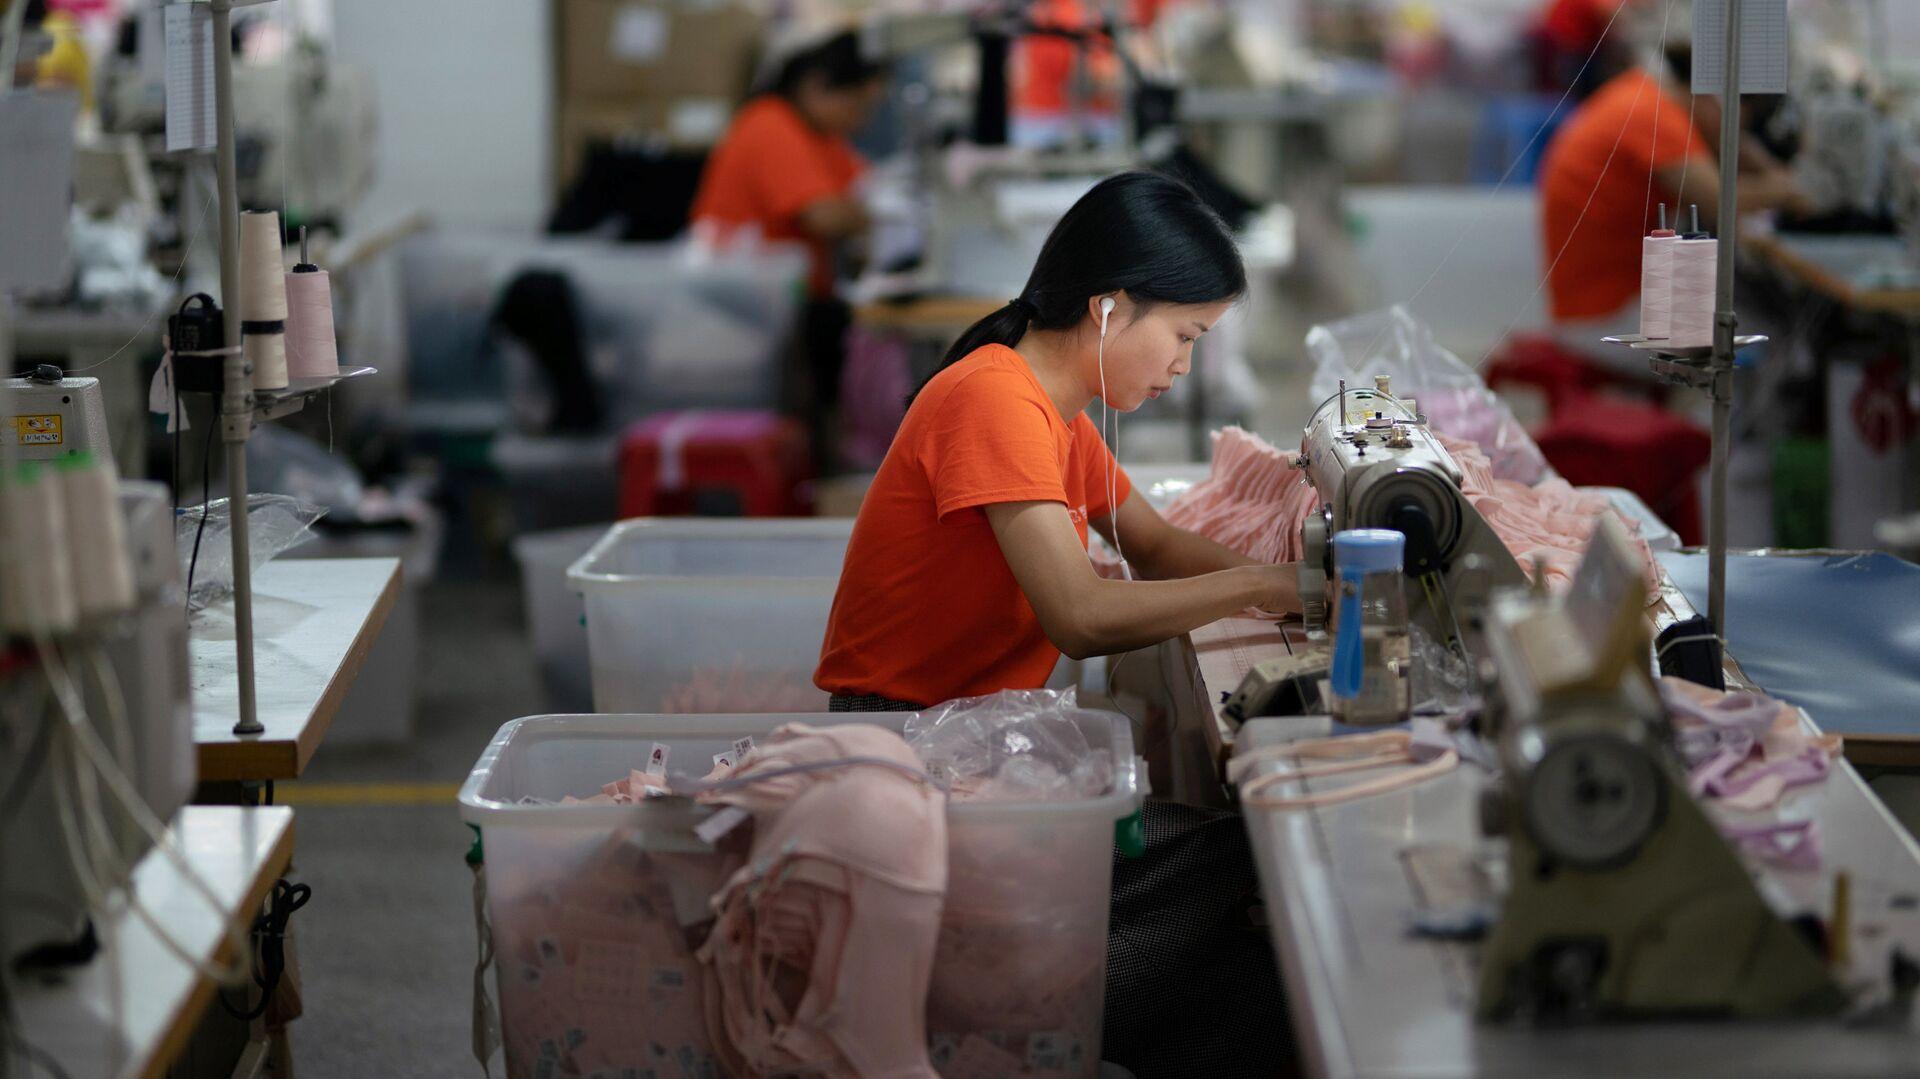 Nữ công nhân xí nghiệp may ở thành phố Đông Quan (Trung Quốc). - Sputnik Việt Nam, 1920, 18.09.2021